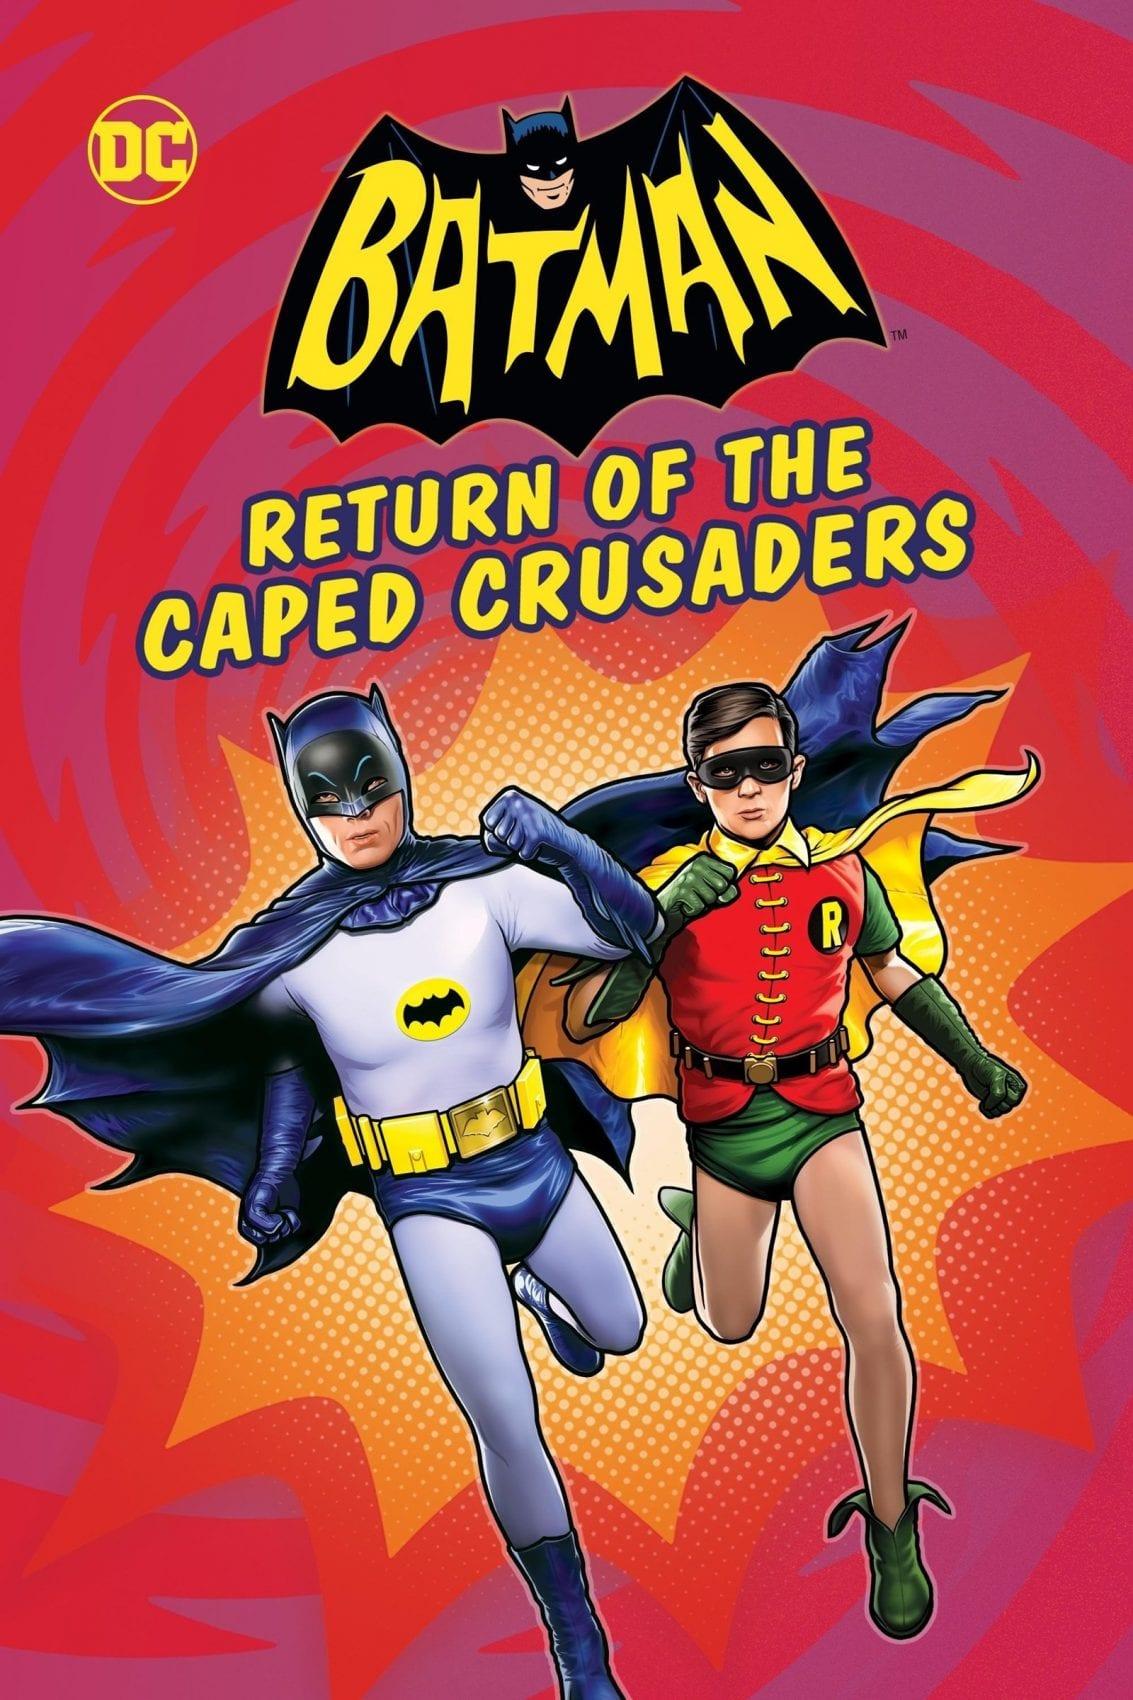 REVIEW – Batman: Return of the Caped Crusaders